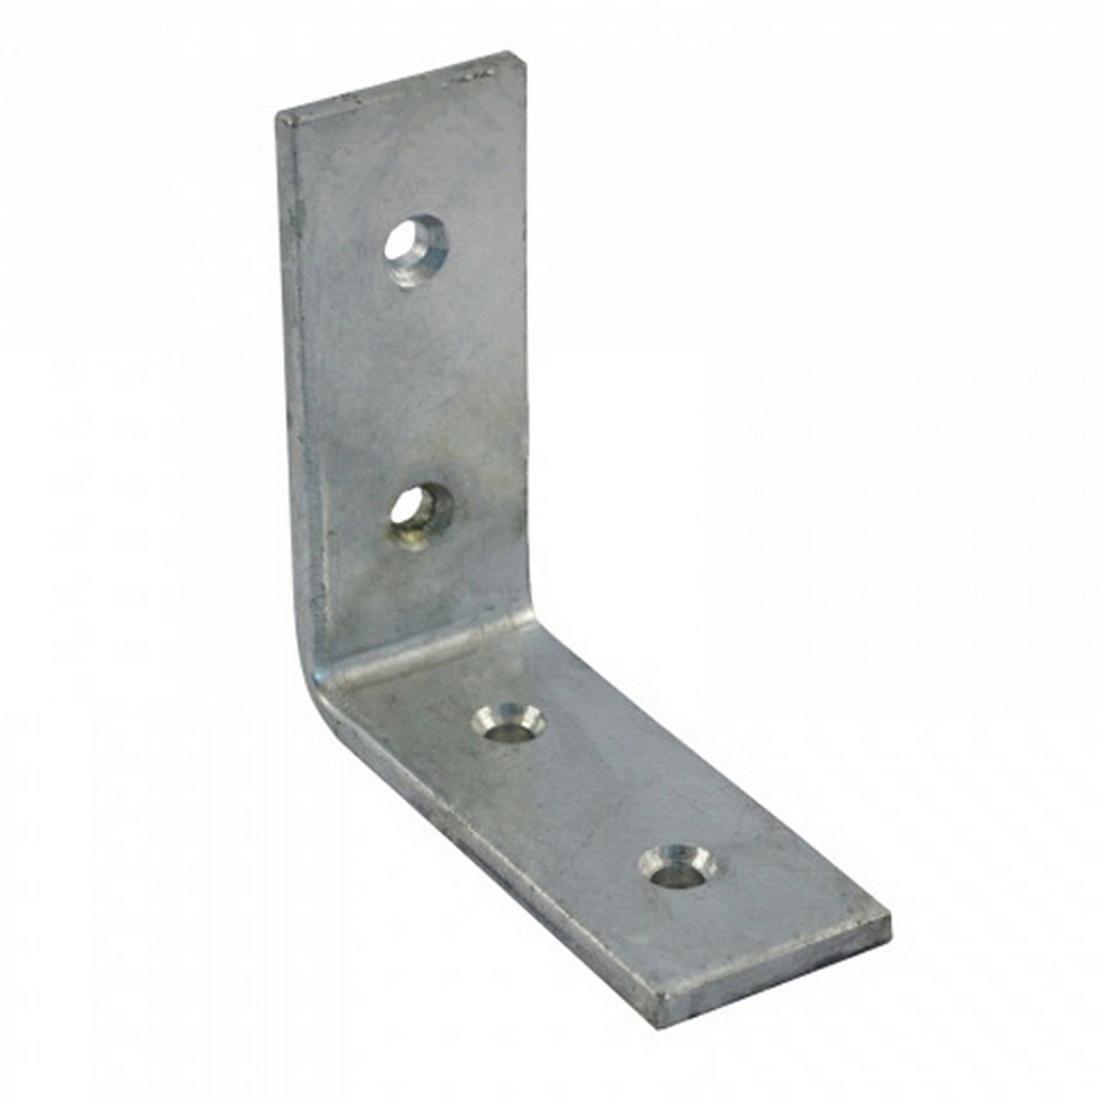 Heavy Duty Angle Bracket 200 x 150 x 25mm Zinc Plated BANHZ200S025R